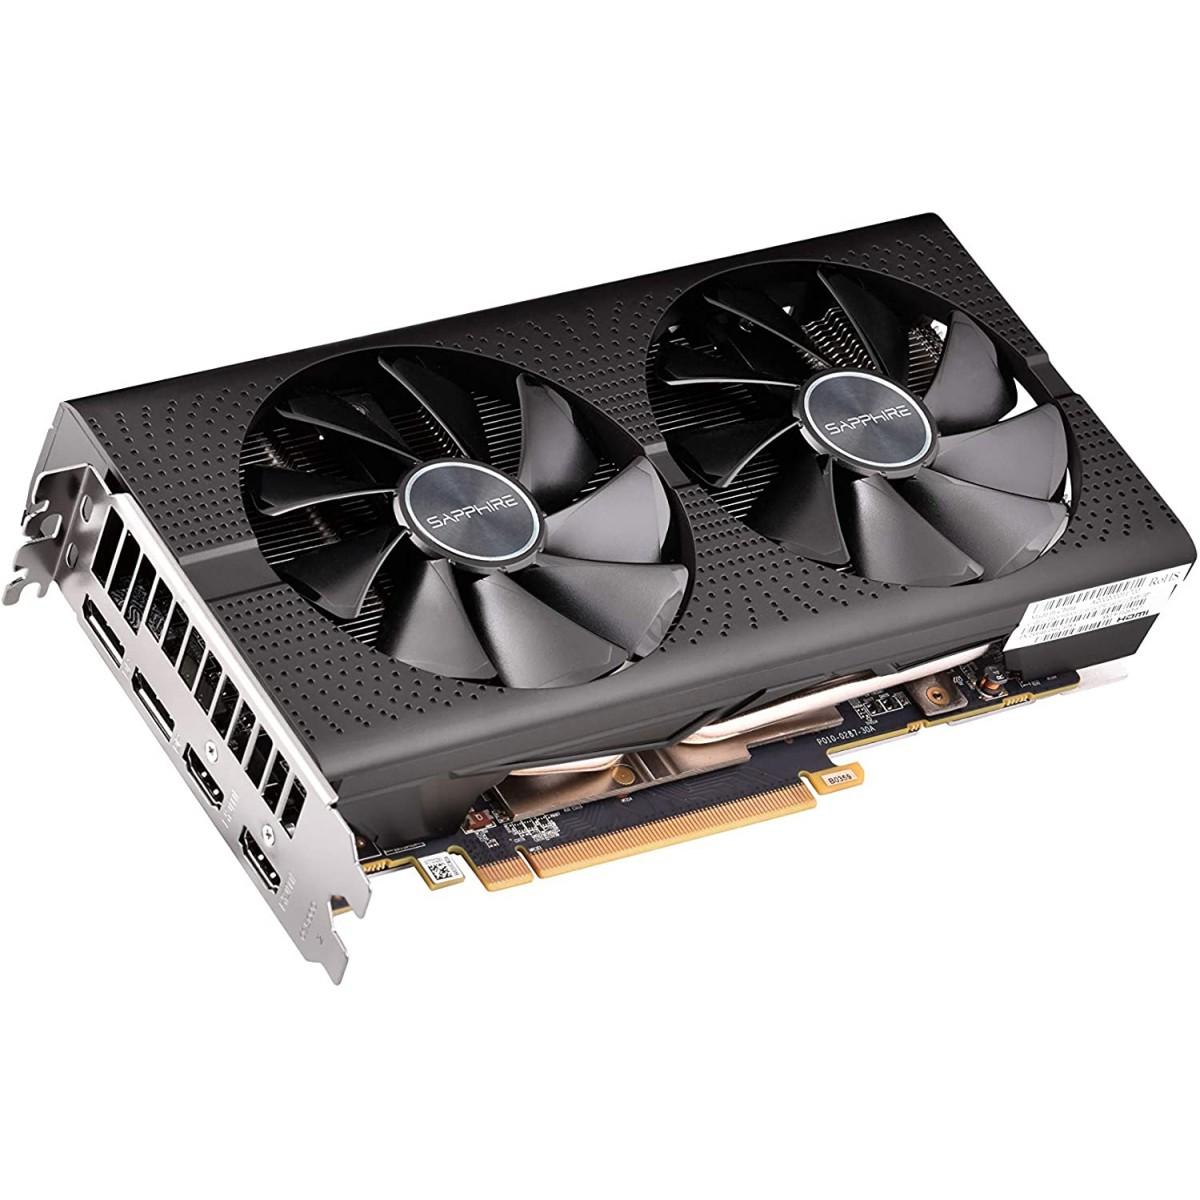 Placa de Vídeo Sapphire, Radeon, RX 580 Pulse, 8GB, GDDR5, 256Bit, 11265-67-20G